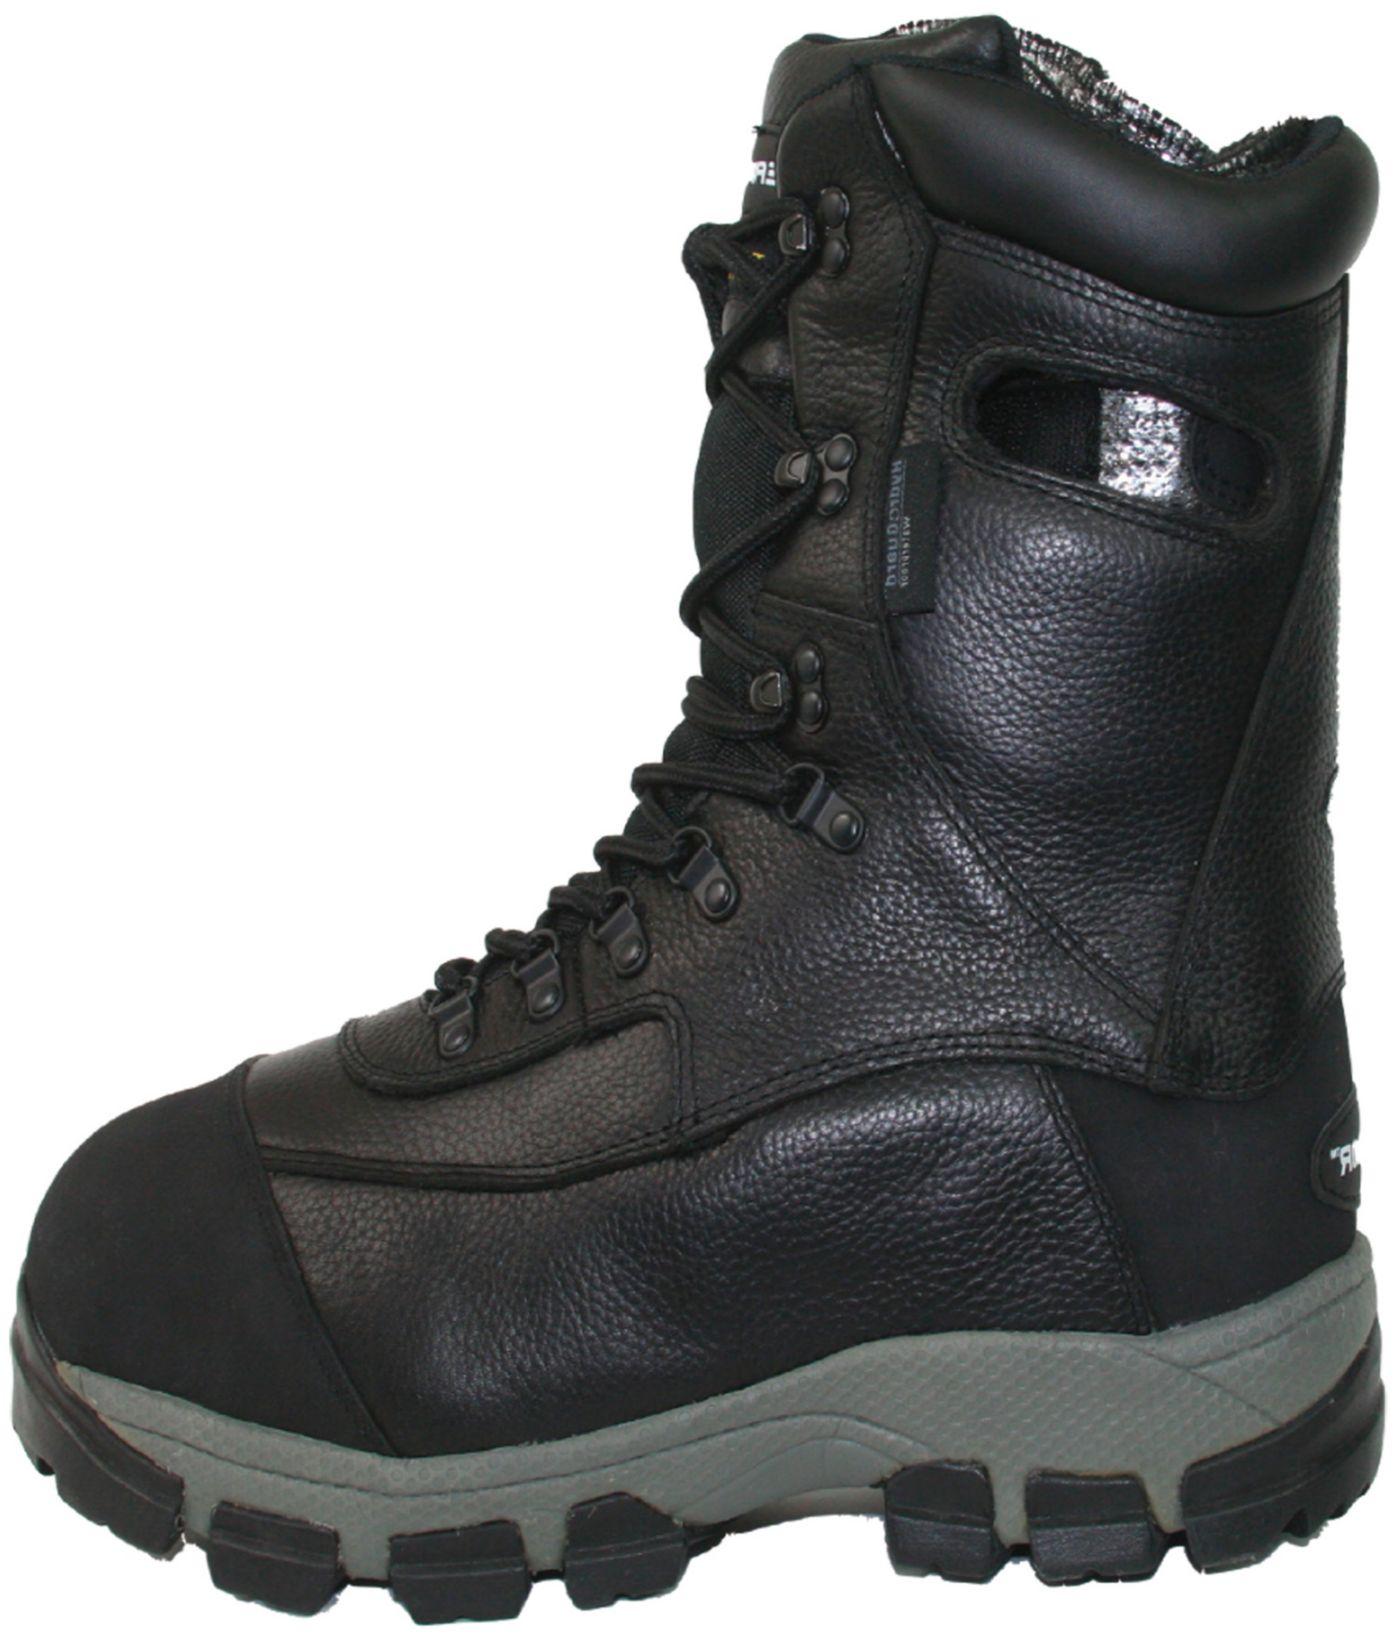 IceArmor Men's Onyx Boot